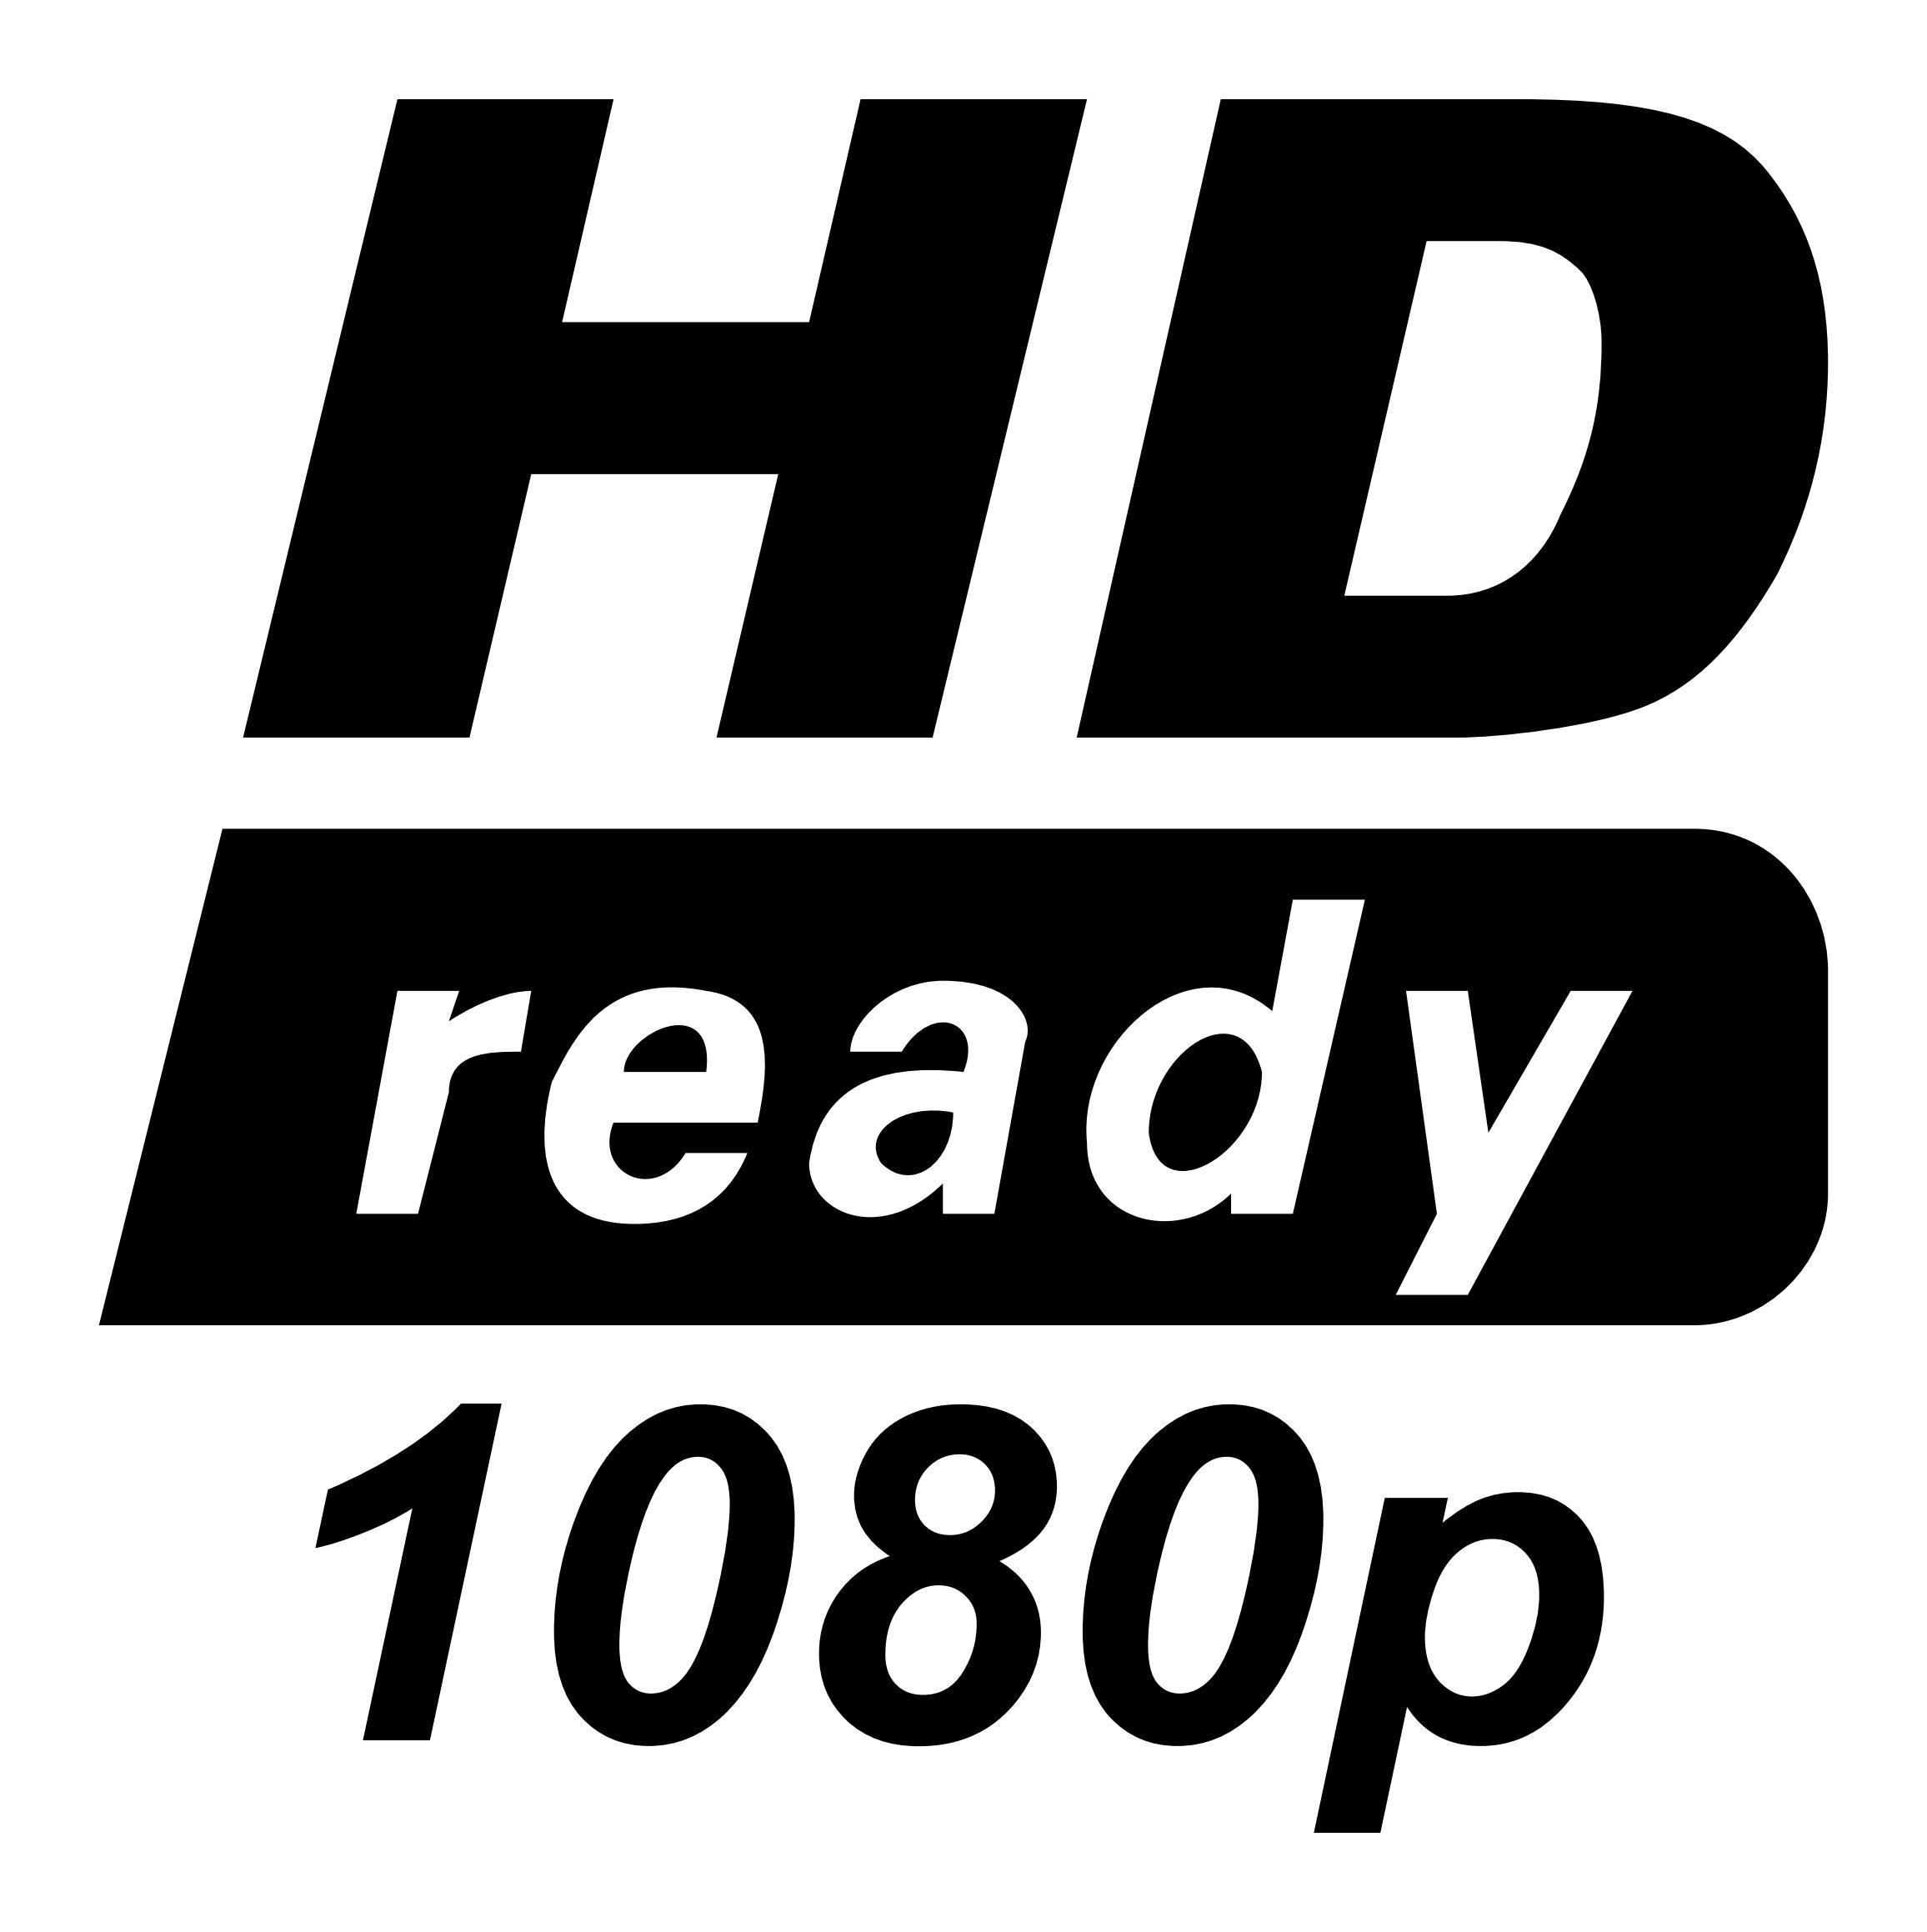 HD_ready_1080p_logo1